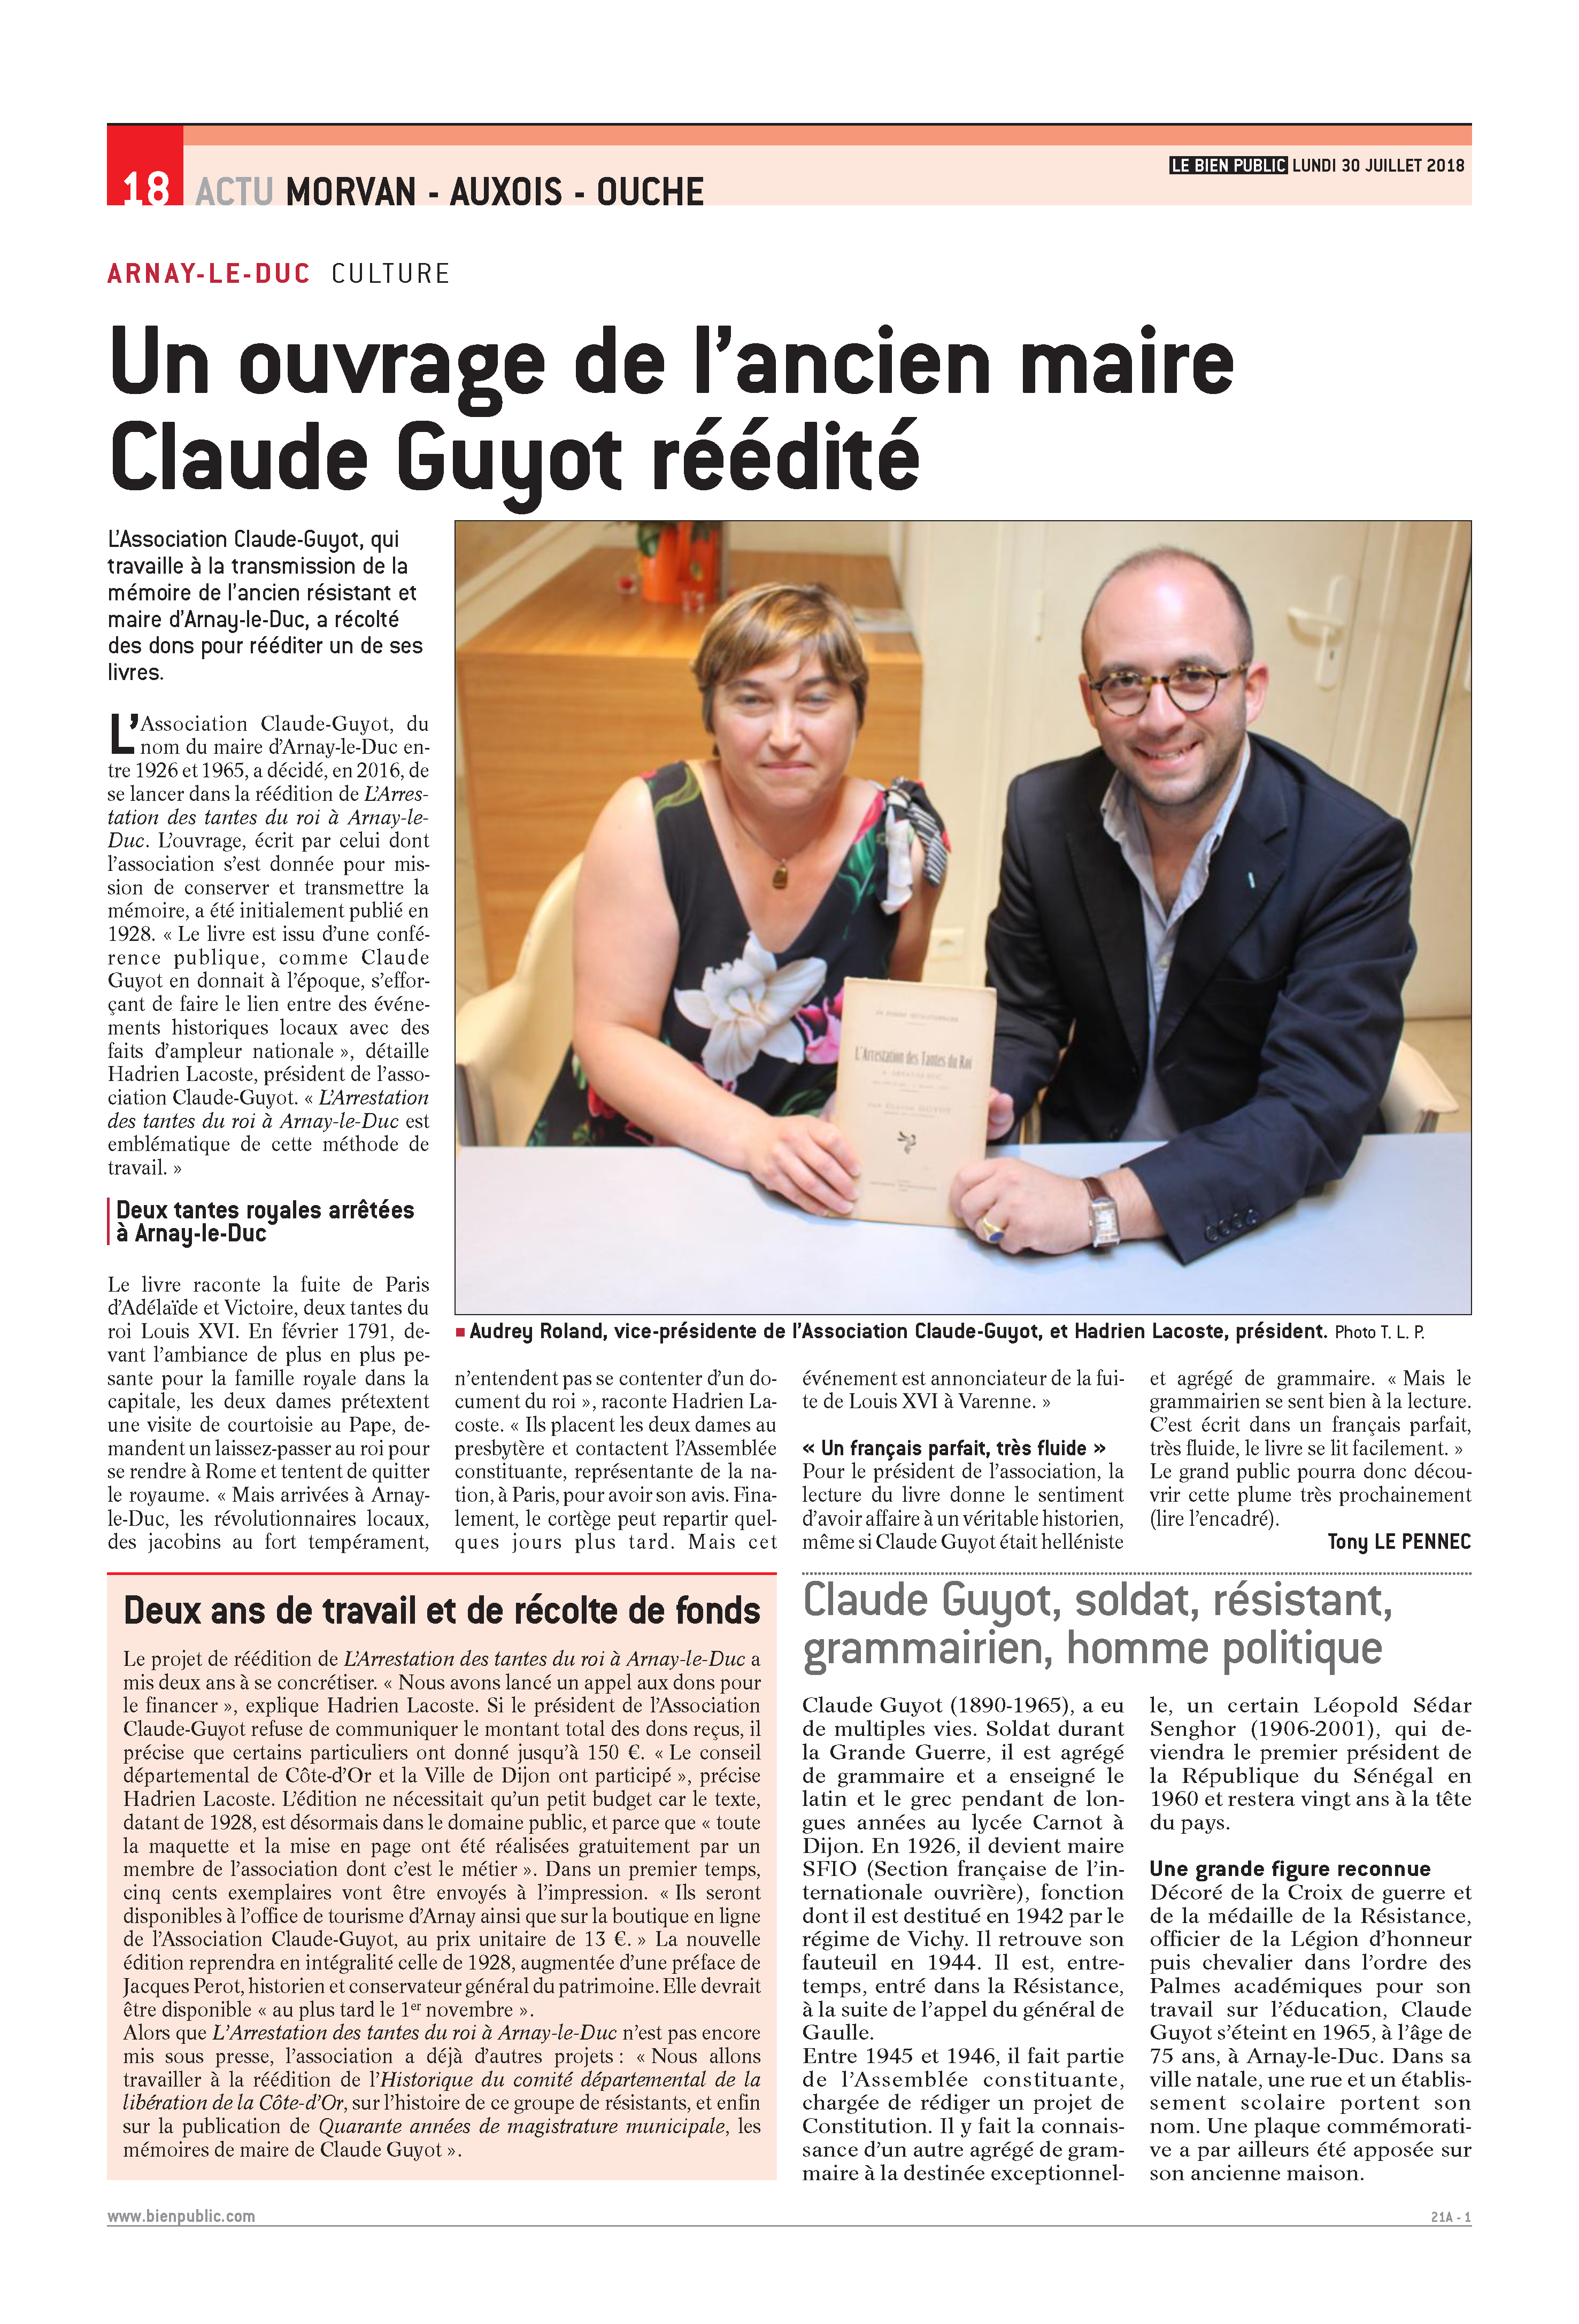 Article Claude Guyot L'Arrestation des Tantes du roi 30 juillet 2018